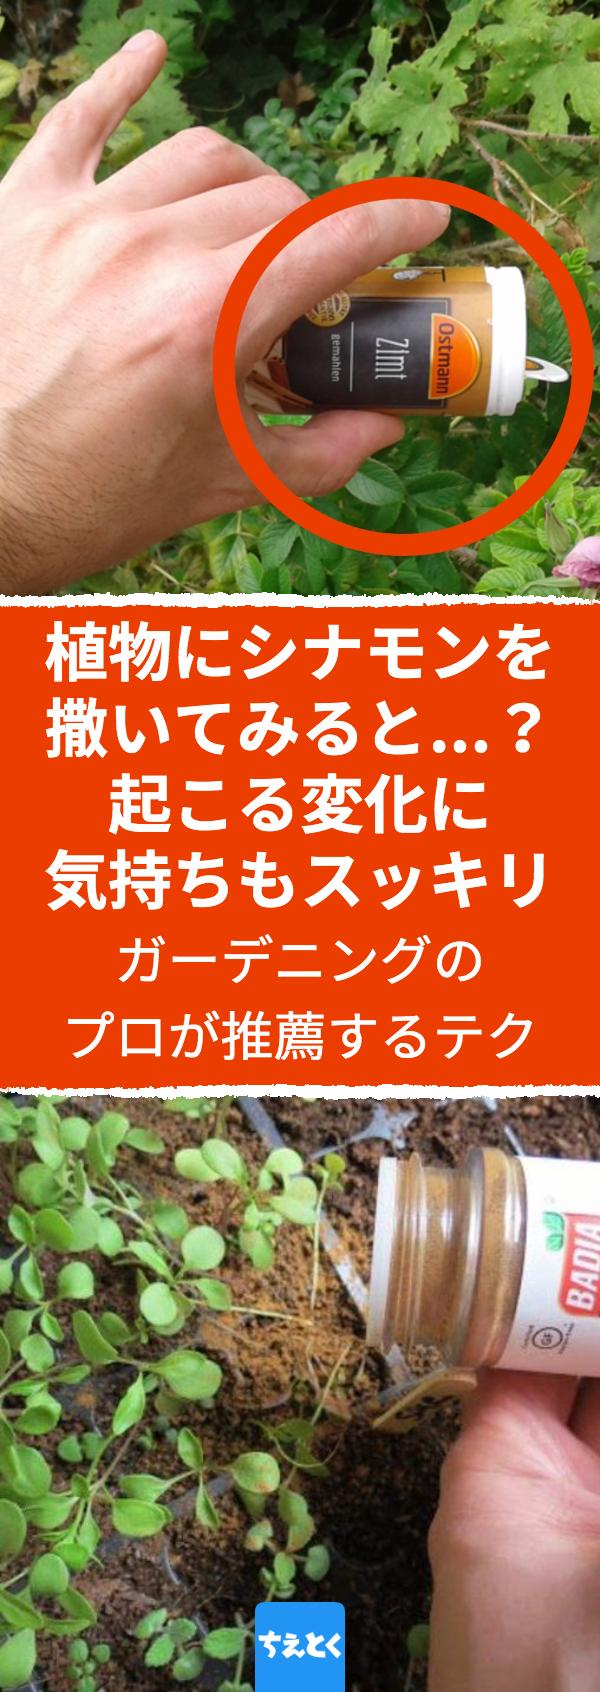 植物の害虫 カビ対策にシナモンパウダーを活用する 庭仕事のプロが支持する防虫 防カビの裏ワザ 植物 観葉植物 虫 害虫 庭 シナモン シナモンパウダー カビ お庭を維持するために 化学薬品を使って虫を駆除したりカビを撃退したりはしていませんか 実は